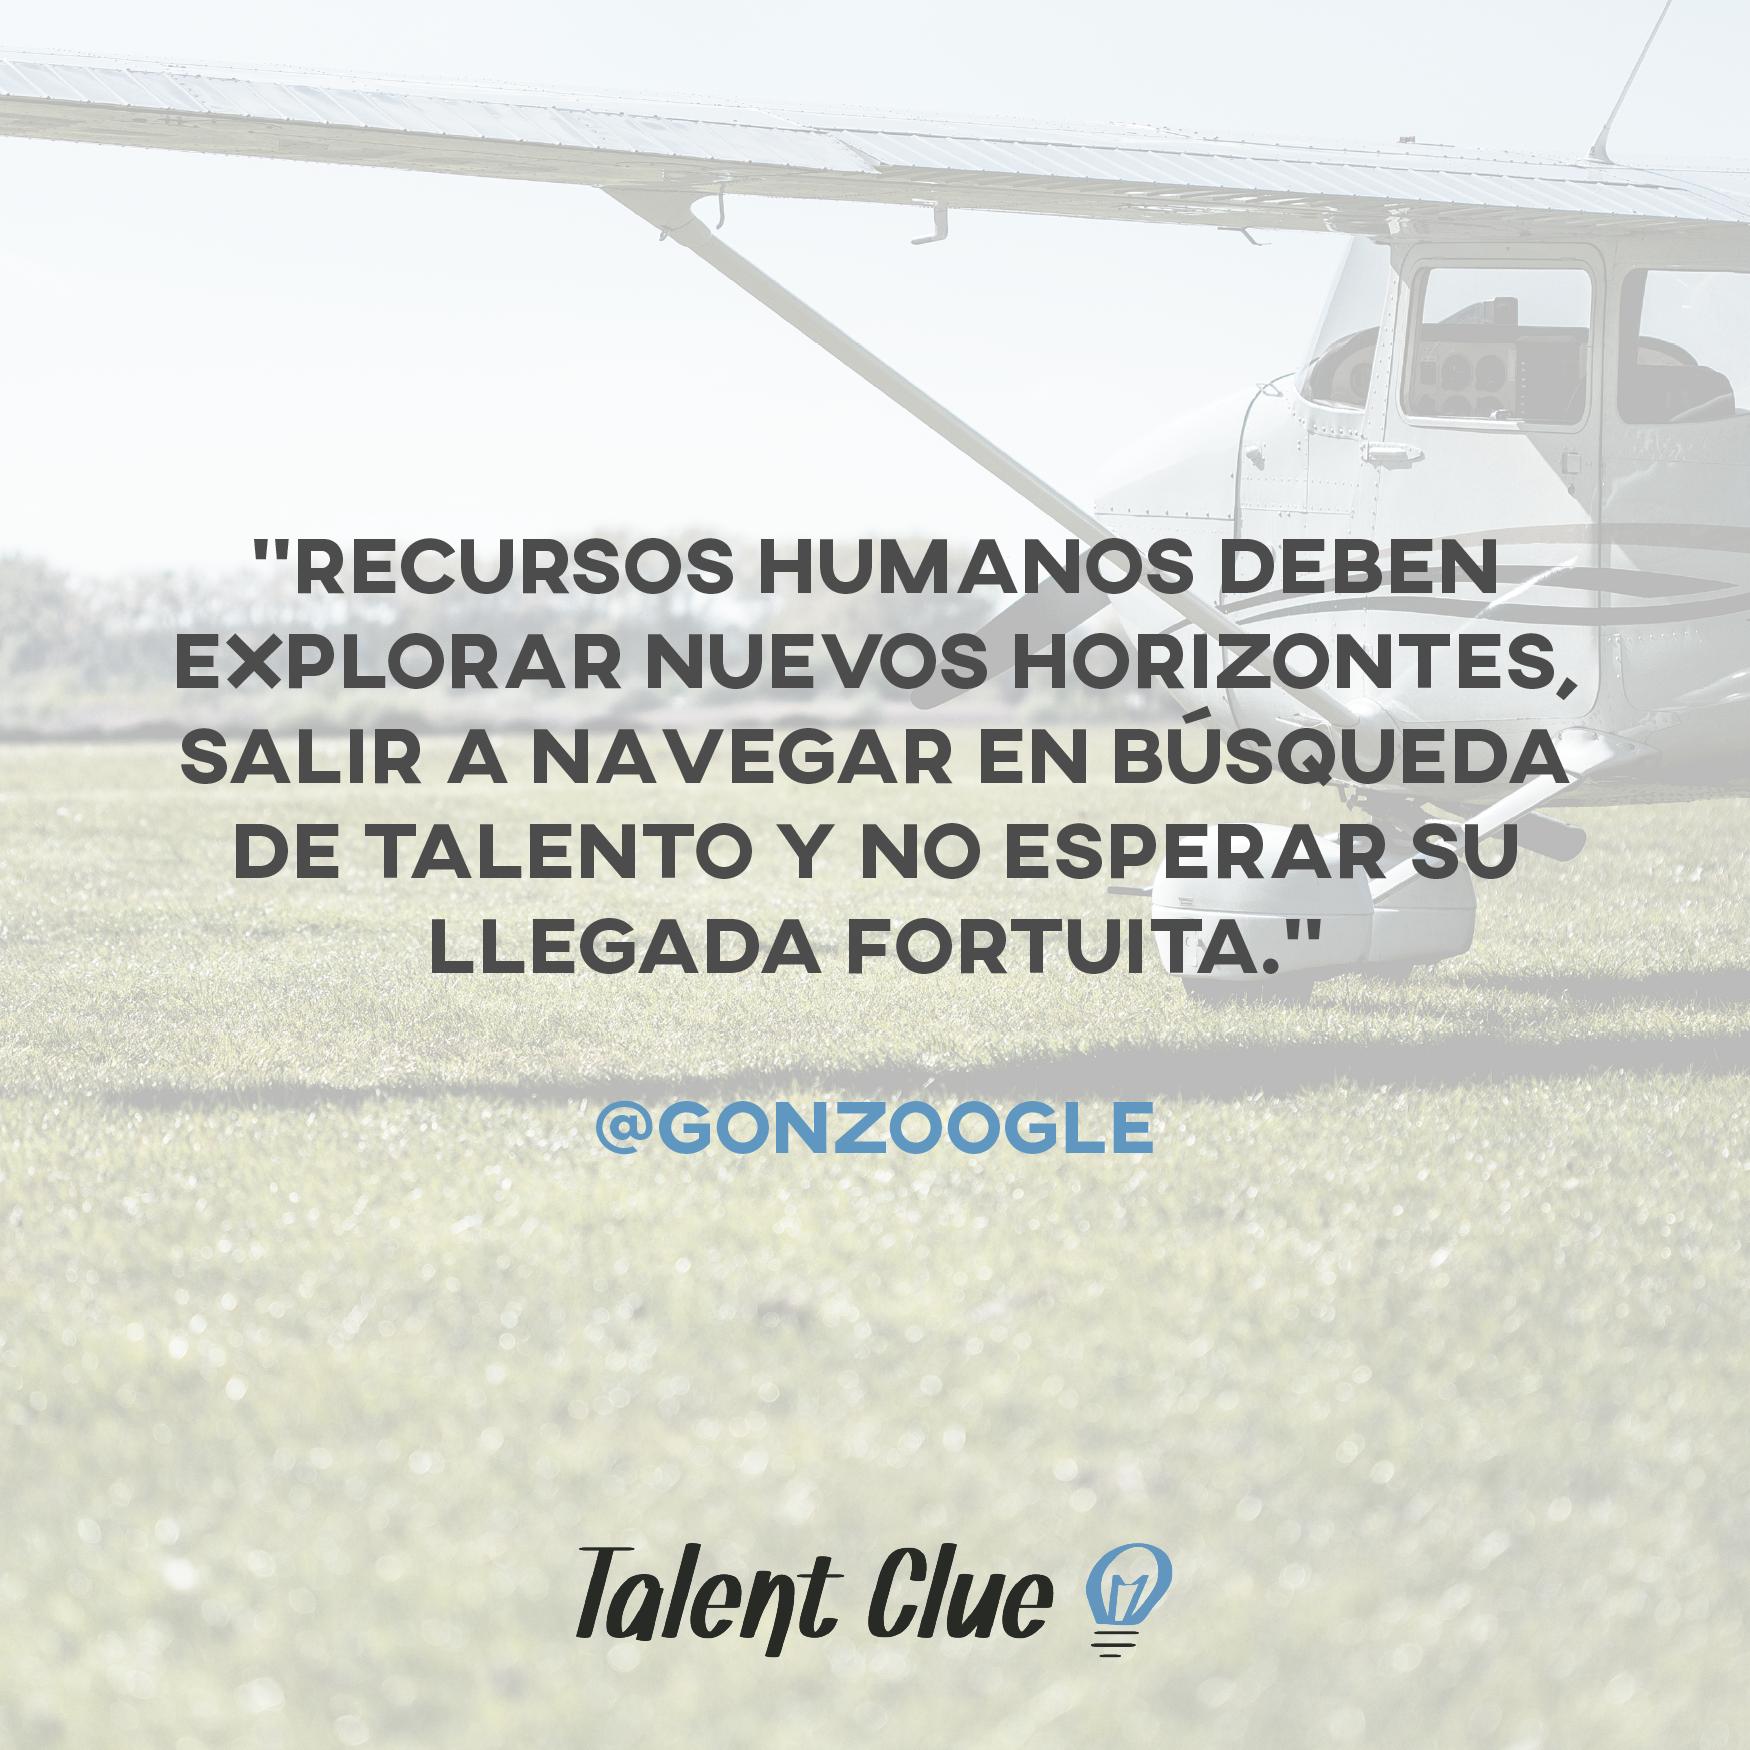 Recursos Humanos deben explorar nuevos horizontes, salir a navegar en búsqueda de talento y no esperar su llegada fortuita.- @gonzoogle